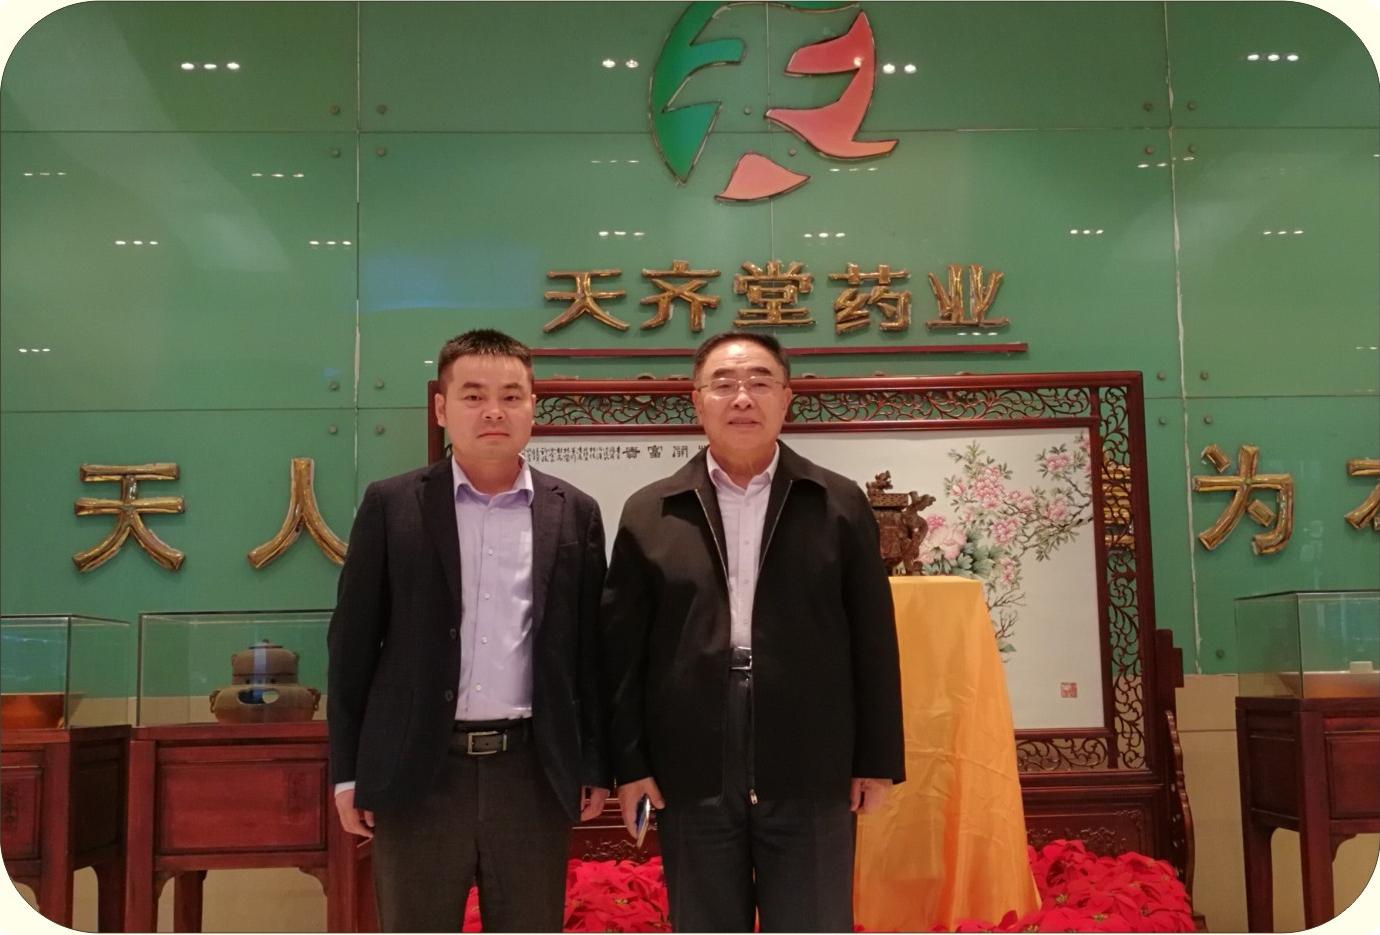 中国中医科学院院长张伯礼院士到我司参观指导-官网